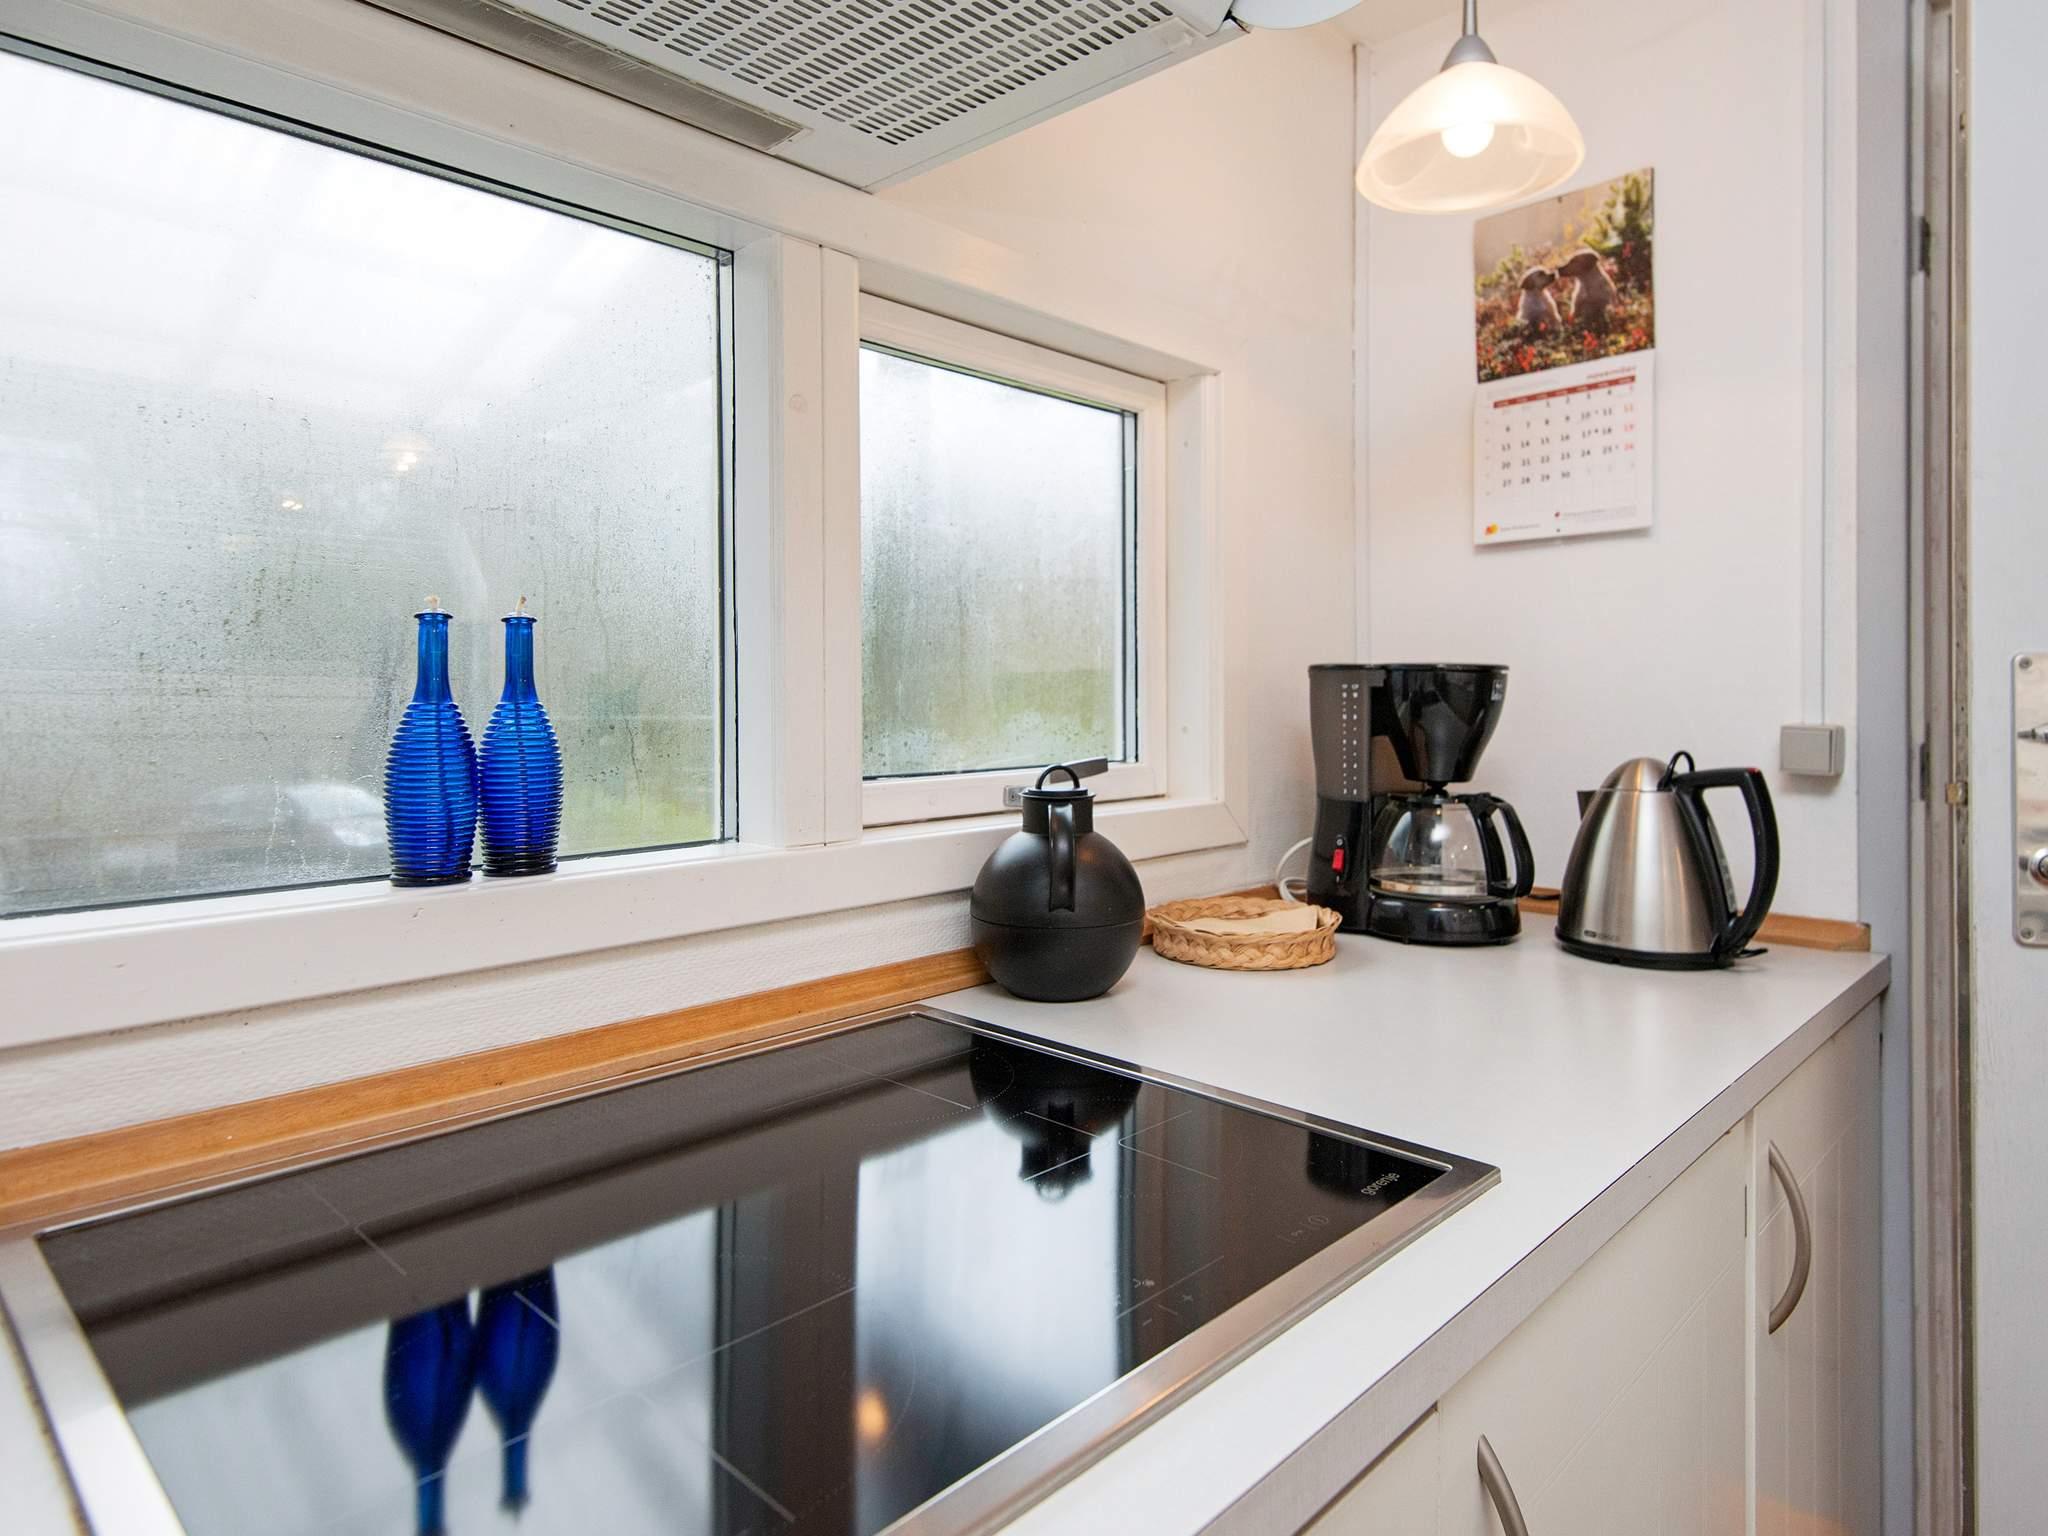 Ferienhaus Silkeborg (2355202), Silkeborg, , Ostjütland, Dänemark, Bild 3